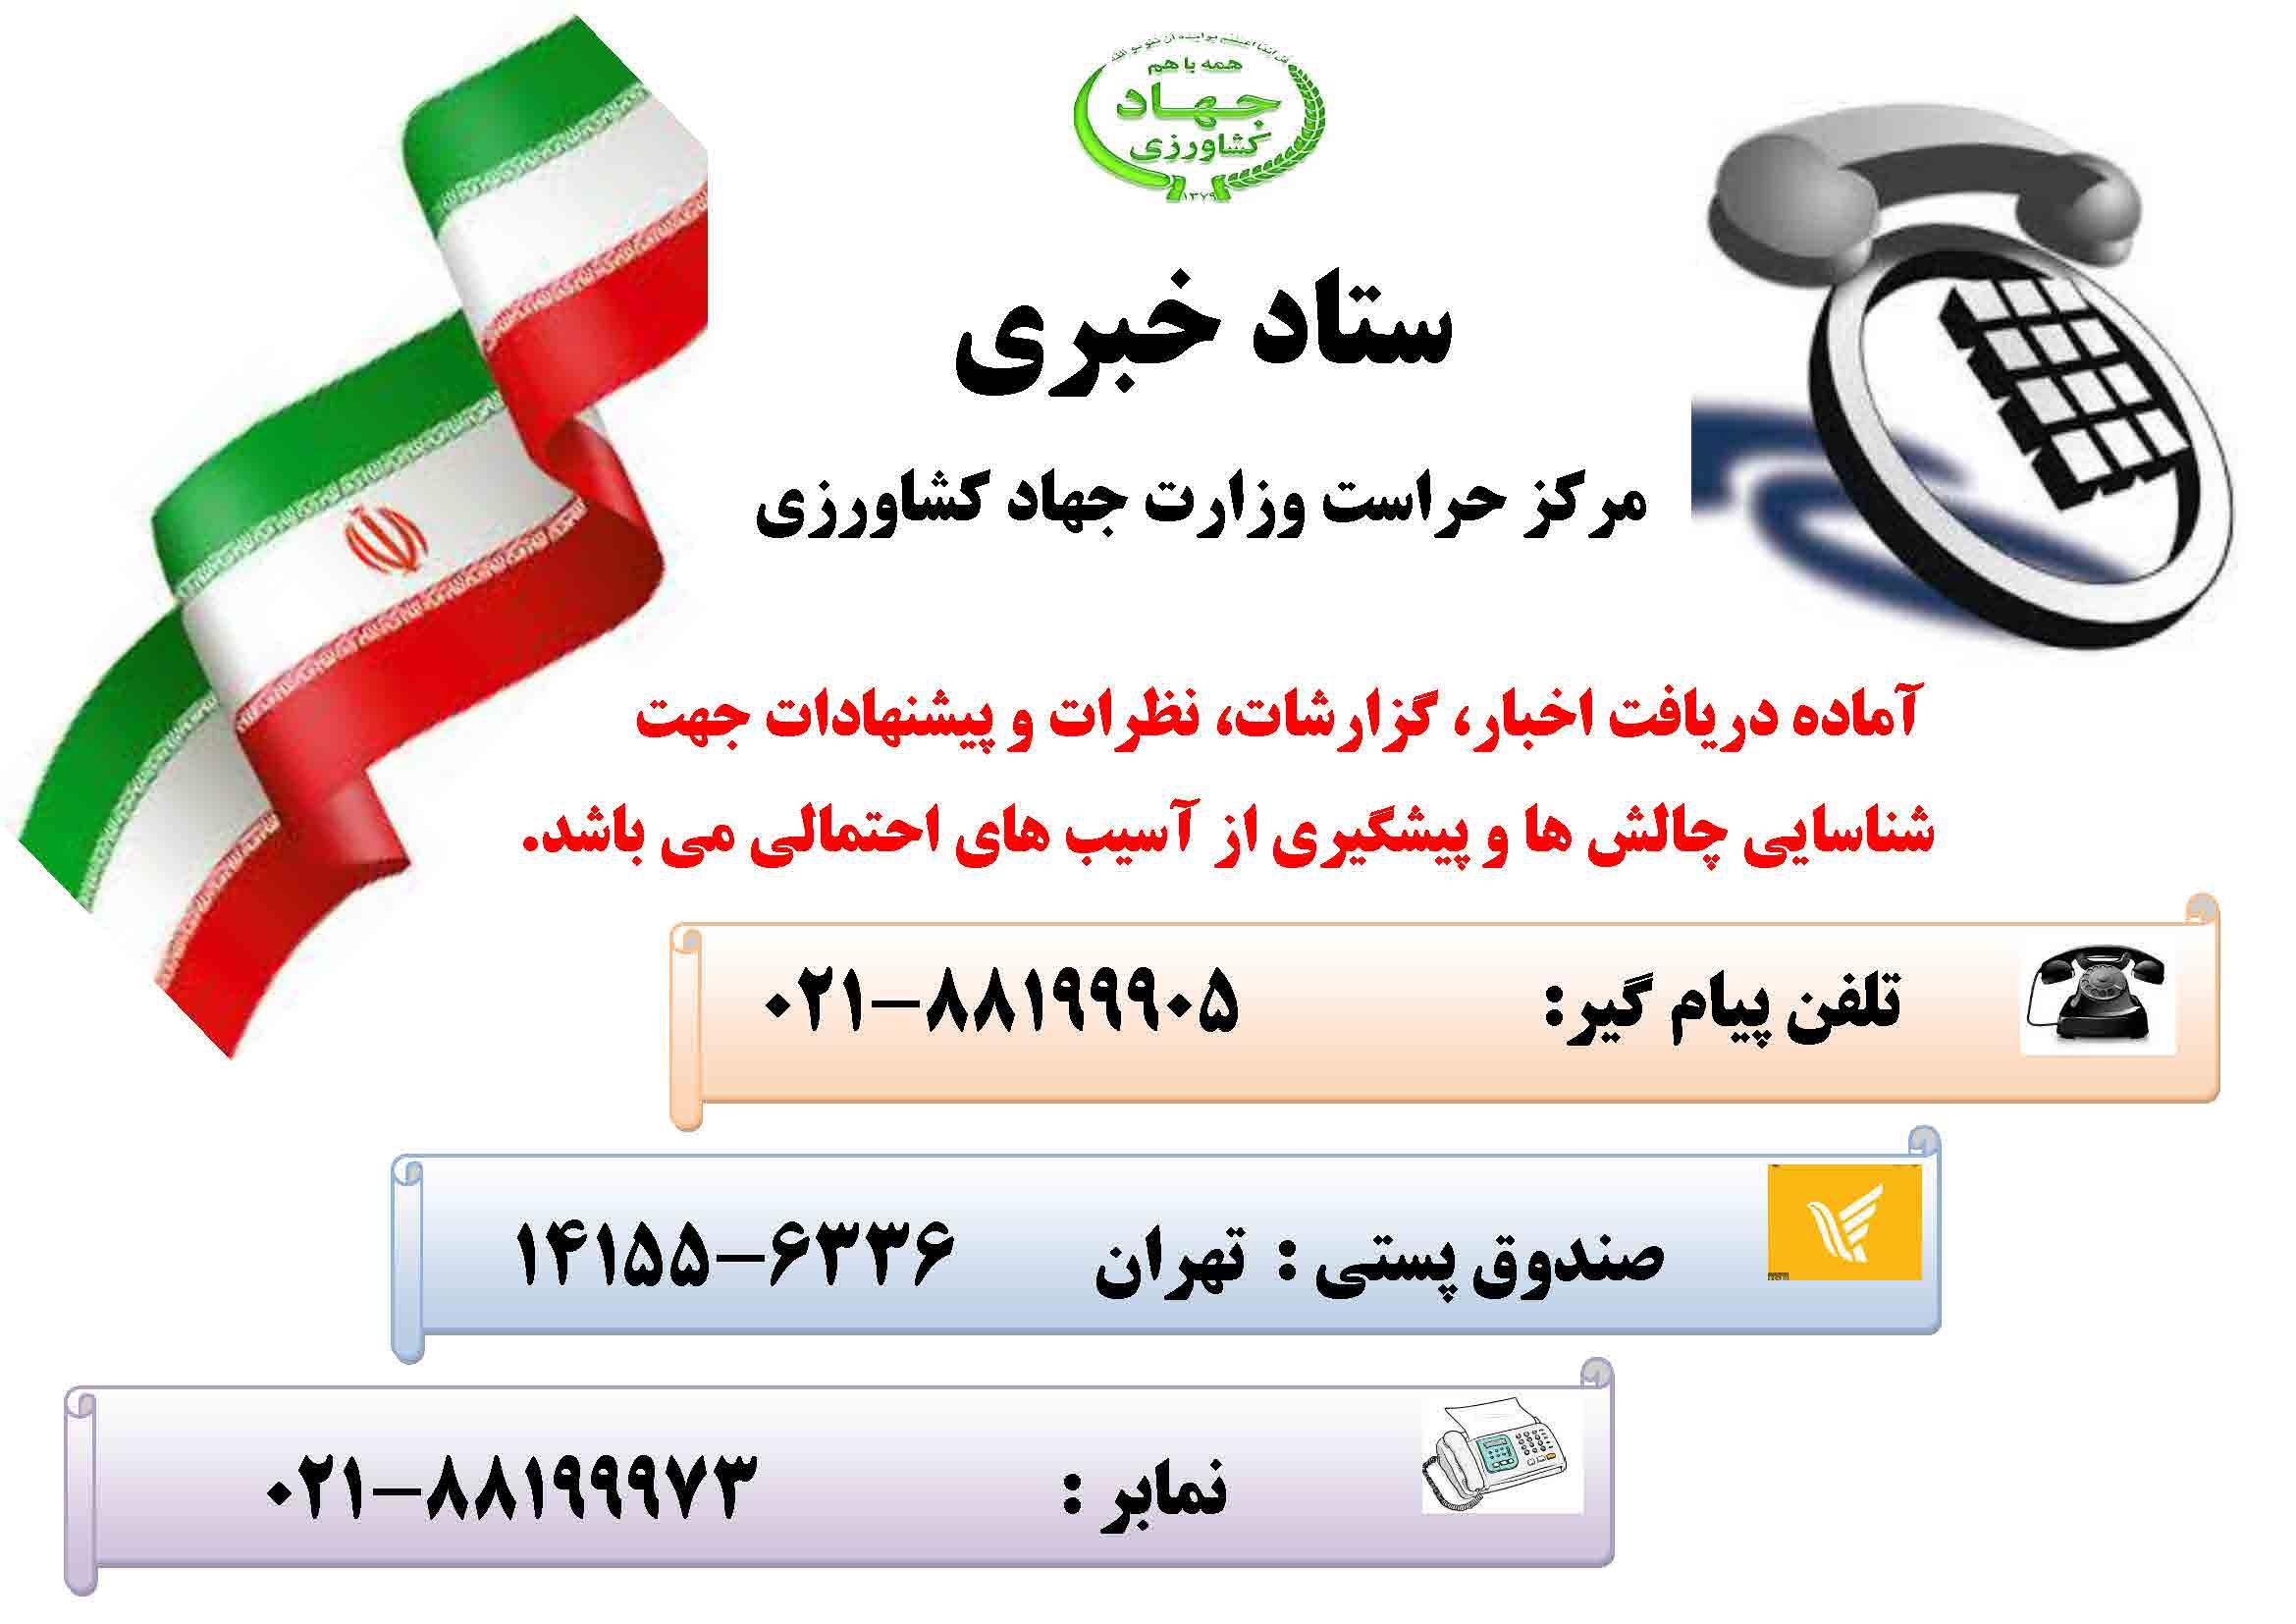 ستاد خبری مرکز حراست وزارت جهاد کشاورزی